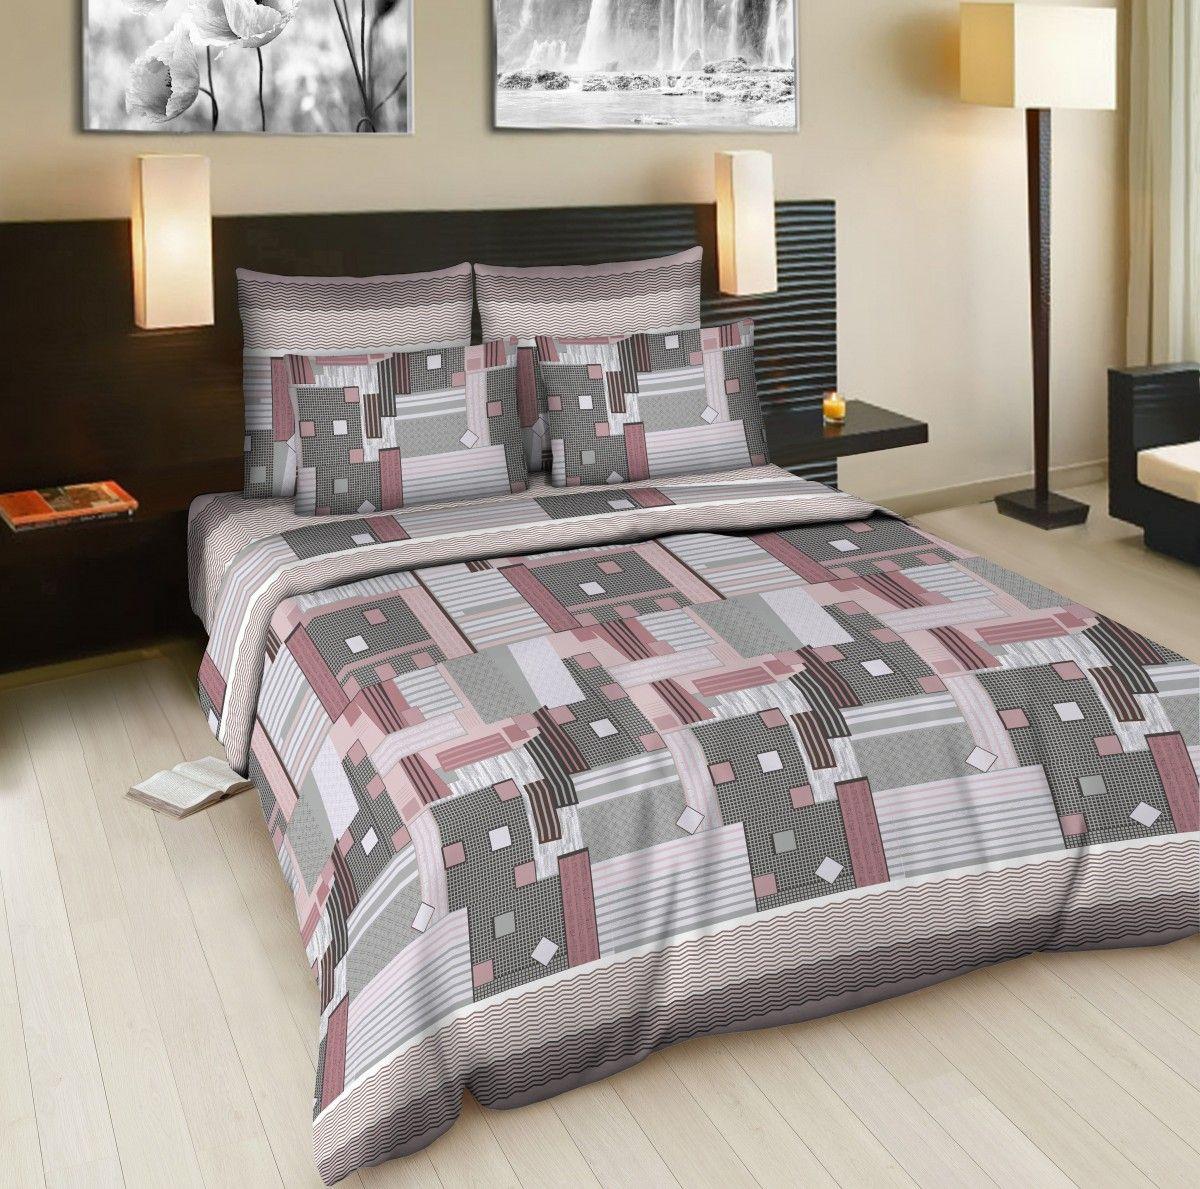 Комплект белья Amore Mio Window, 2-спальный, наволочки 70x70, цвет: серый, розовыйFA-5126-2 WhiteКомплект постельного белья Amore Mio Window является экологически безопасным для всейсемьи, так как выполнен из бязи (100% хлопок). Комплект состоит из пододеяльника, простыни идвух наволочек. Постельное белье оформлено оригинальным рисунком и имеет изысканныйвнешний вид.Легкая, плотная, мягкая ткань отлично стирается, гладится, быстро сохнет. Рекомендации по уходу: Химчистка и отбеливание запрещены.Рекомендуется стиркав прохладной воде при температуре не выше 40°С.